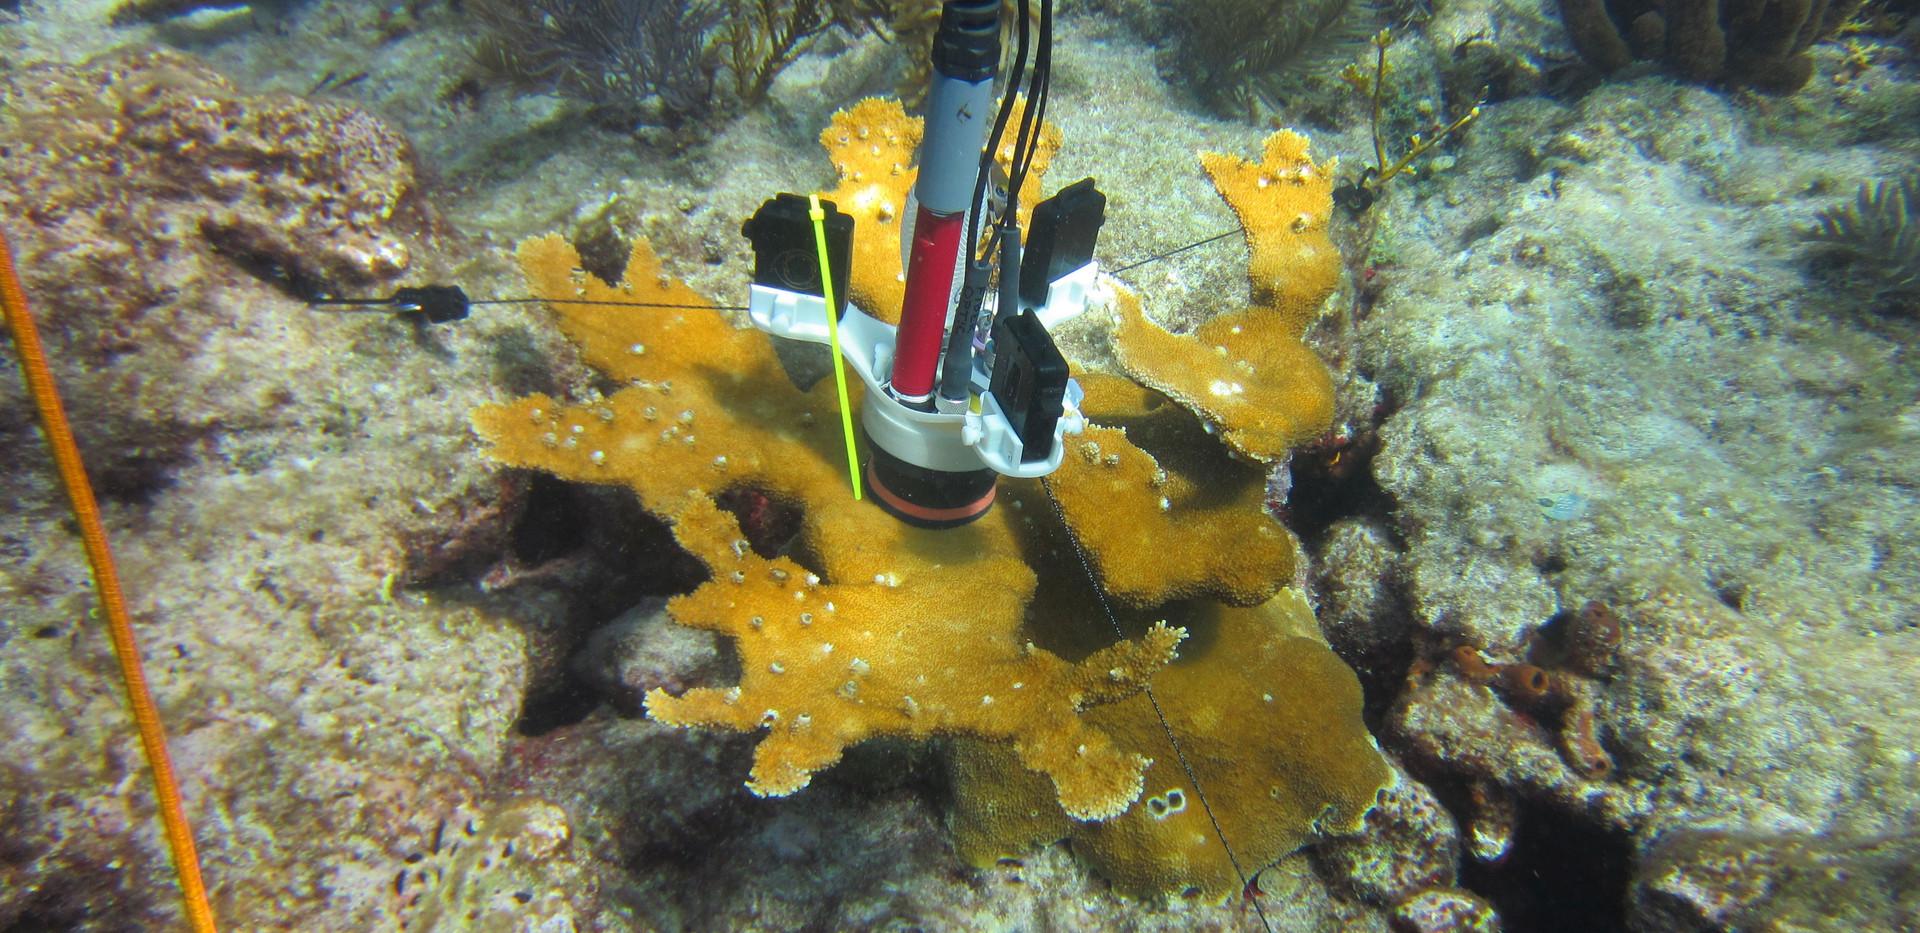 CISME deployed on A. palmata